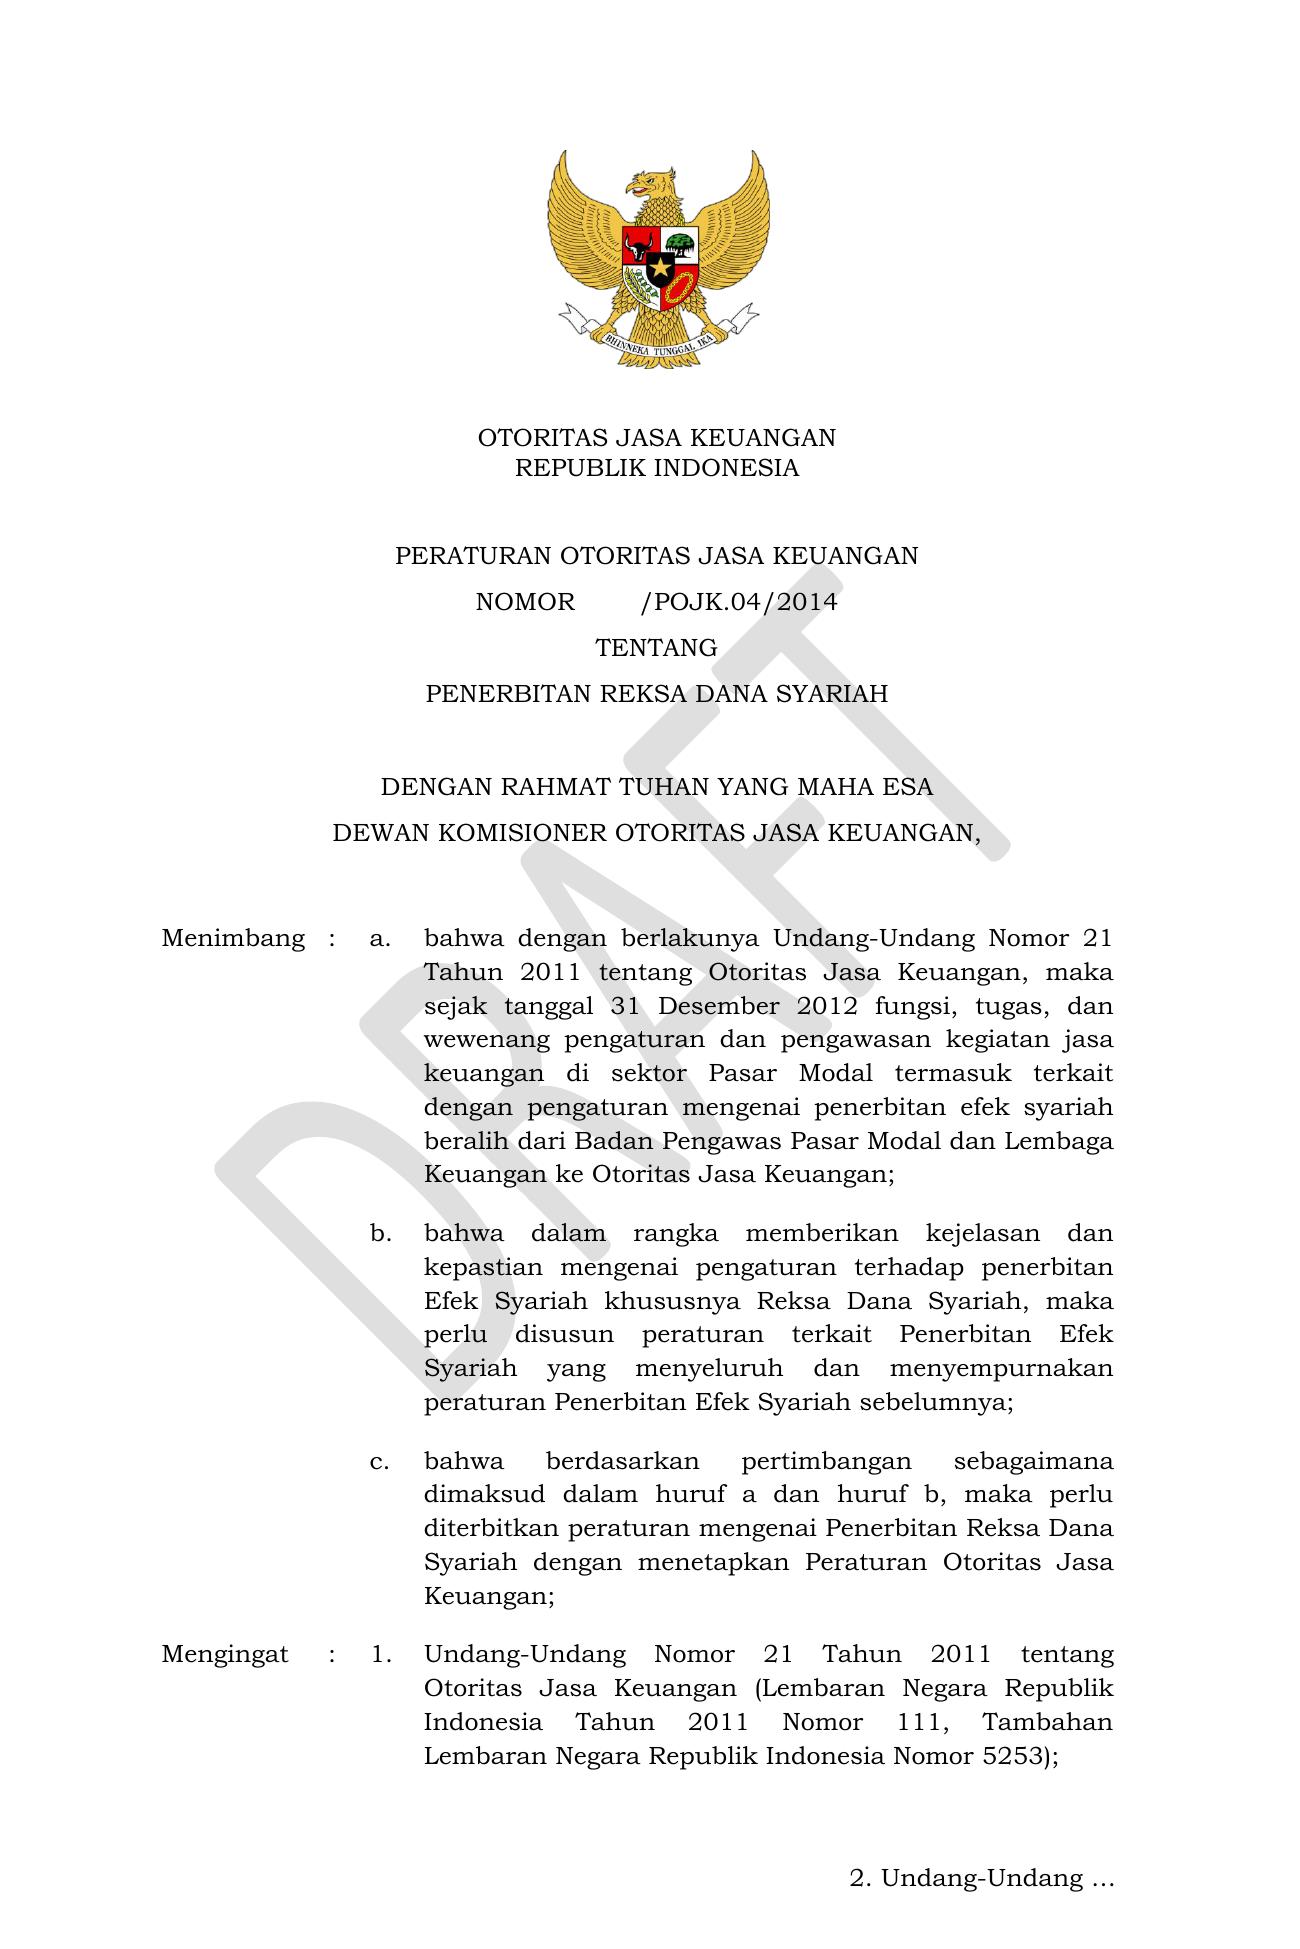 Otoritas Jasa Keuangan Republik Indonesia